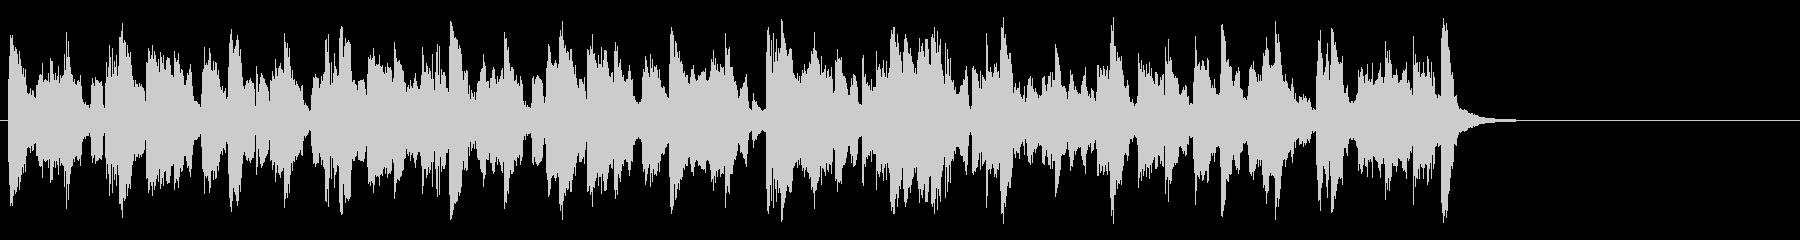 コミカルなほのぼのポップ(サビ~Aメロ)の未再生の波形